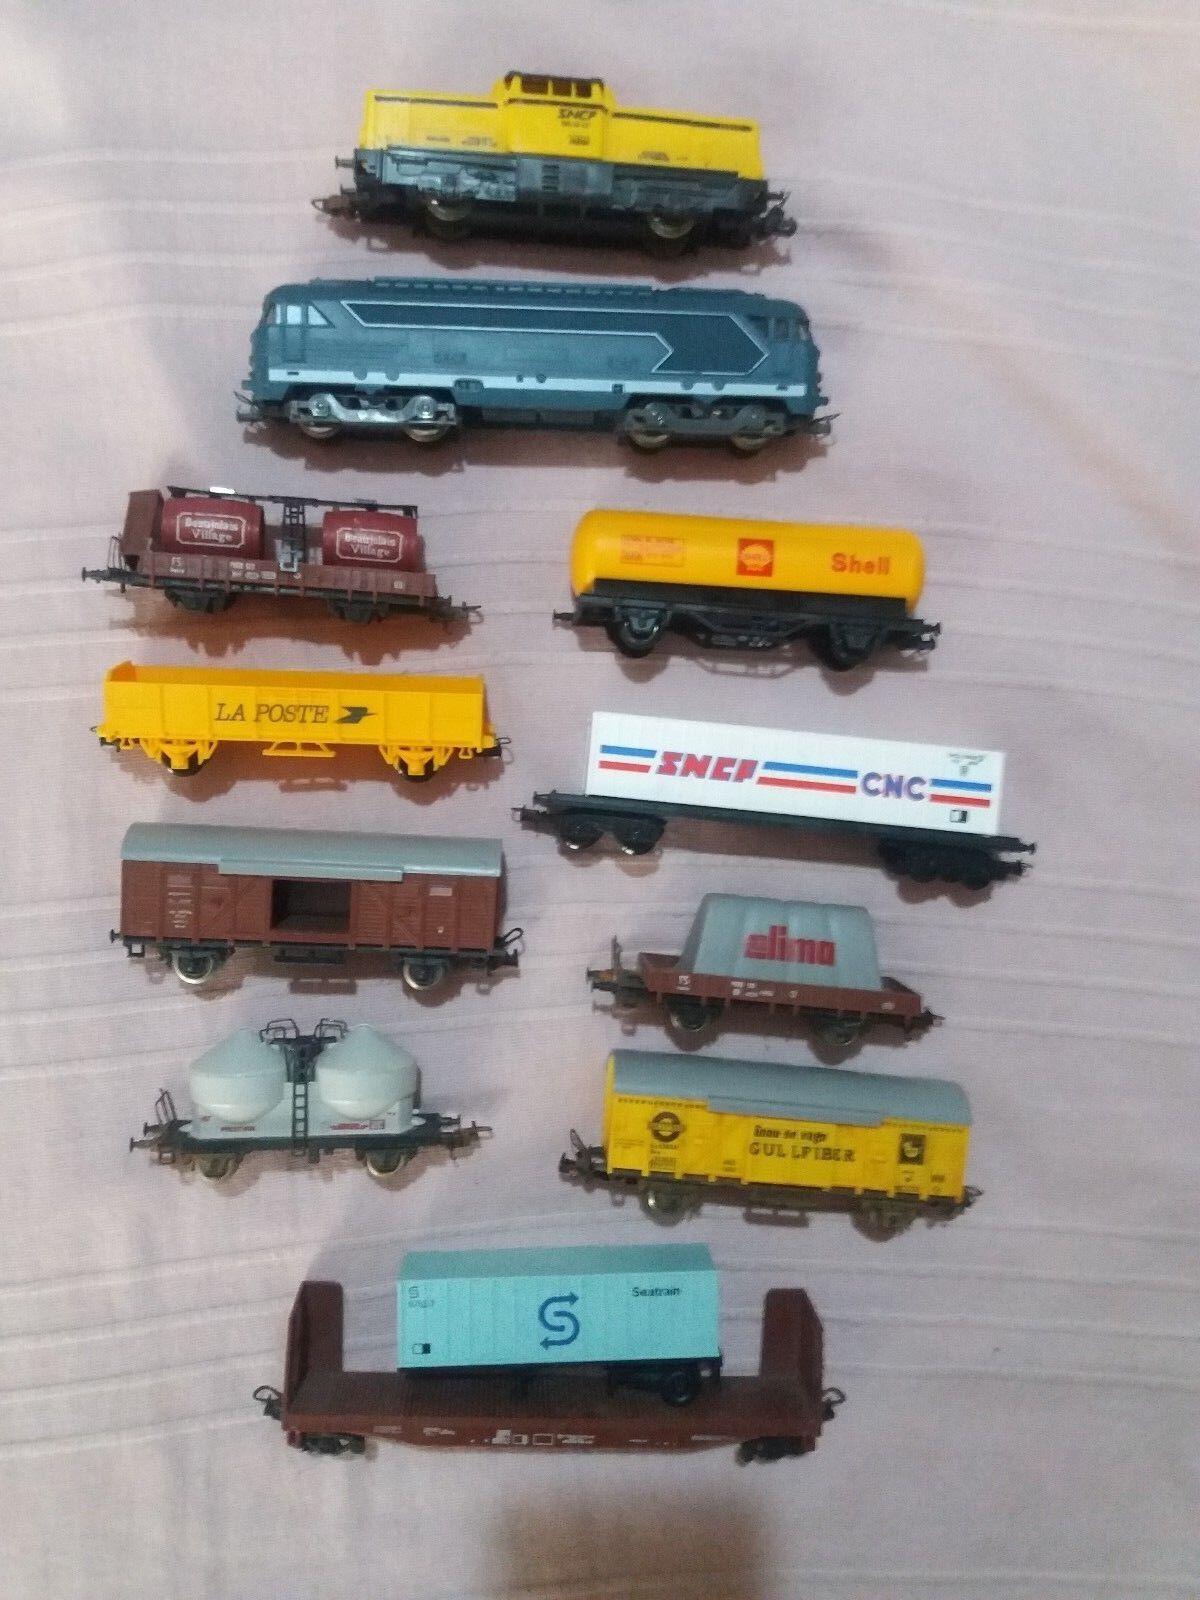 Tranino lima vintage 2 locomotive 9 carri e 39 binari misti